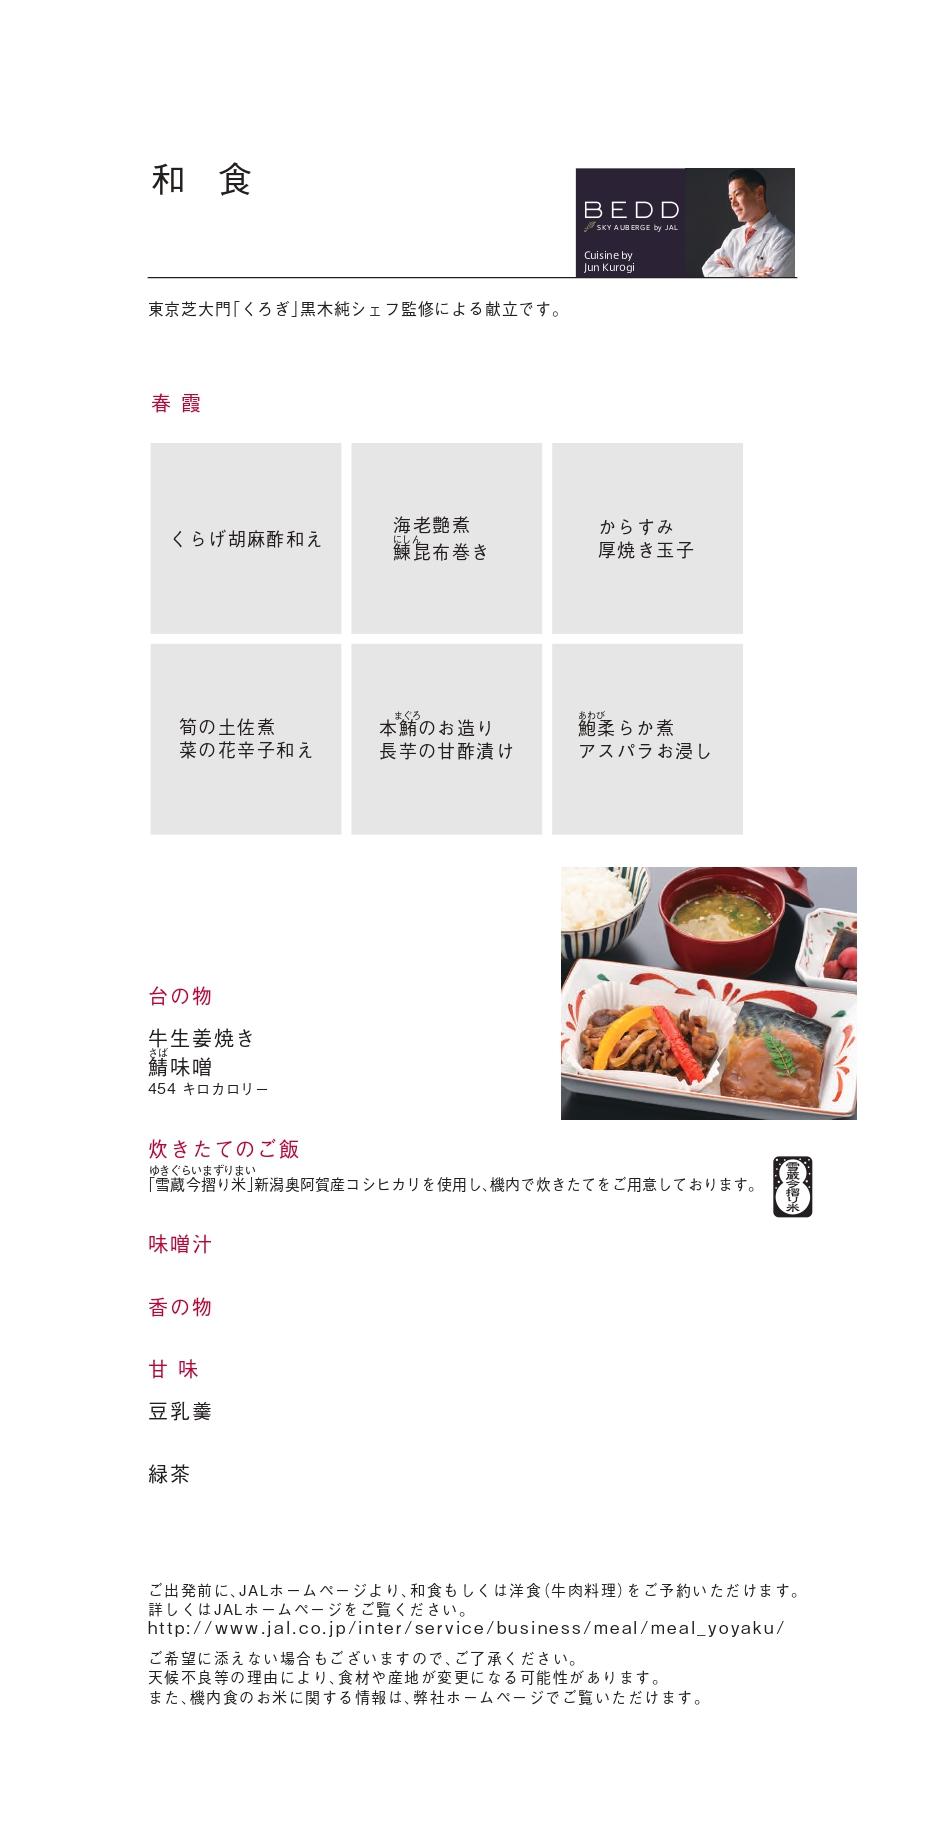 JL759 09MAY19 ビジネスクラス 機内食